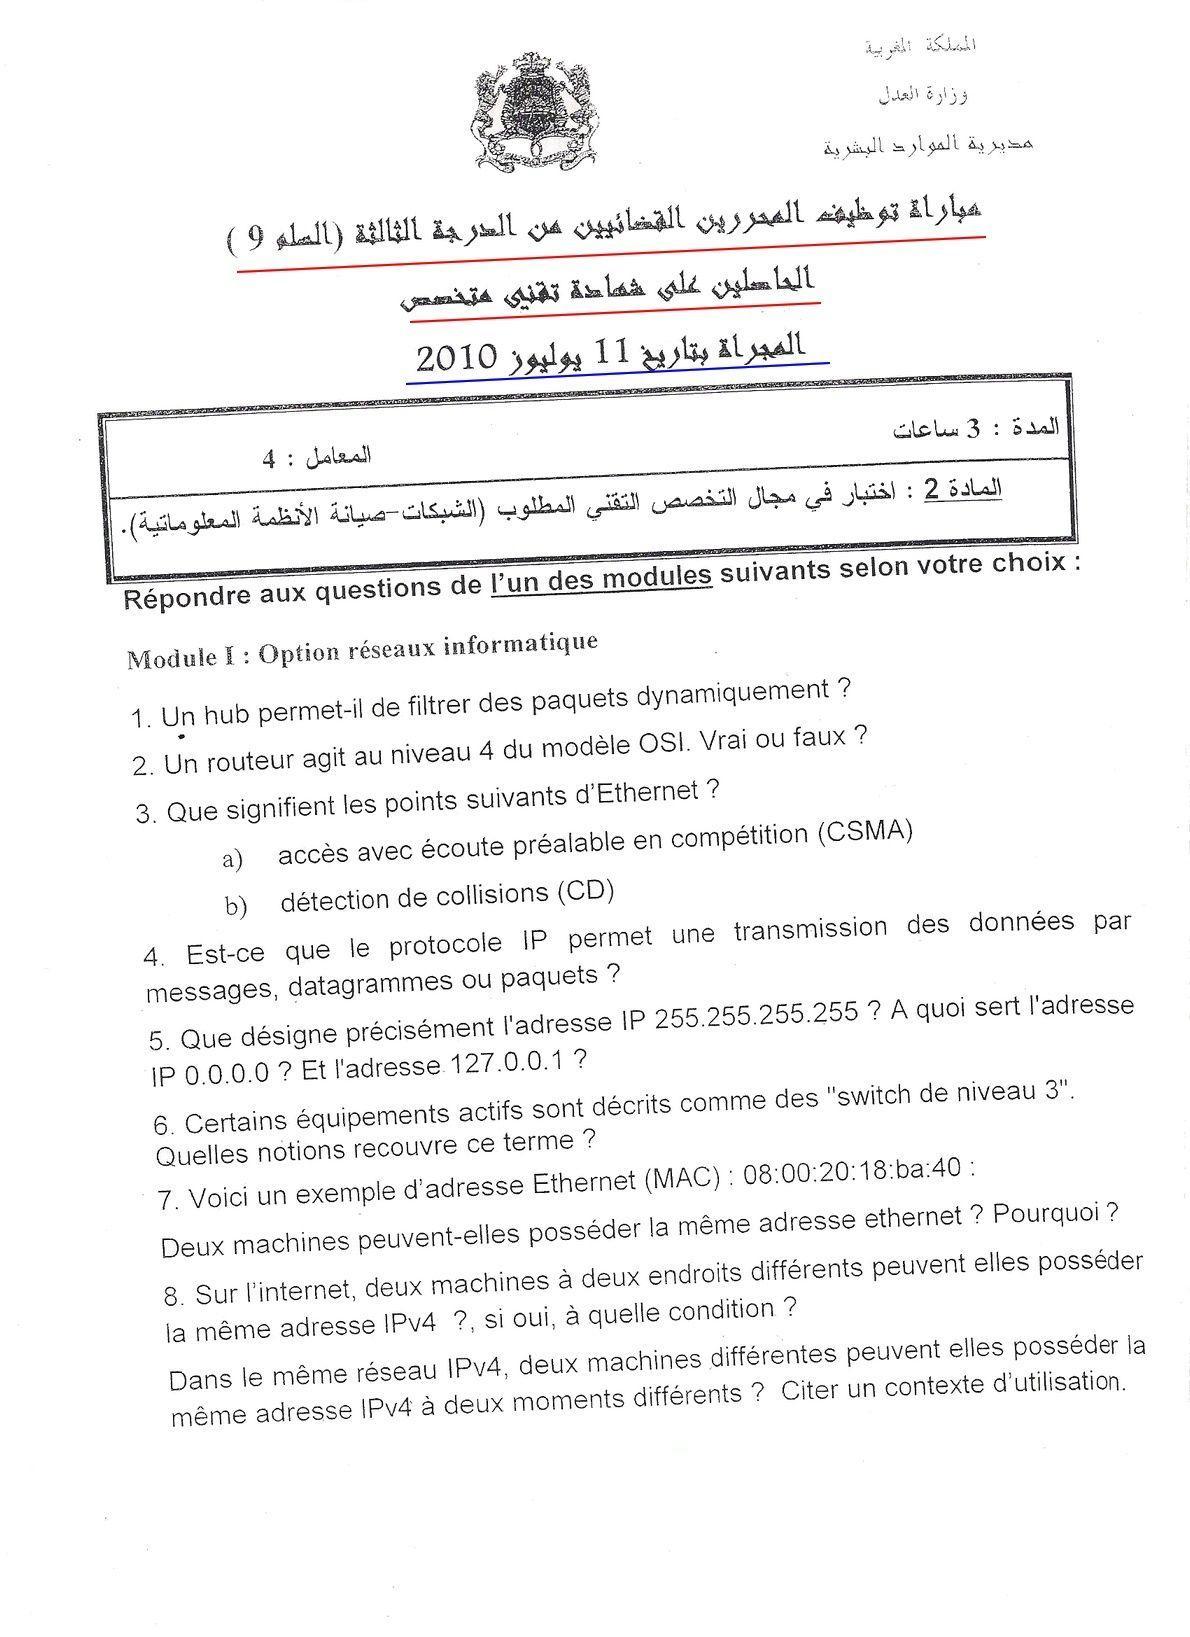 وزارة العدل: نموذج مباراة توظيف المحررين القضائيين من الدرجة الثالثة (السلم 9) الحاصلين على شهادة تقني متخصص, المجراة بتاريخ 11 يوليوز  2010 تخصص: الشبكات - صيانة الأنظمة المعلوماتية Moharr10